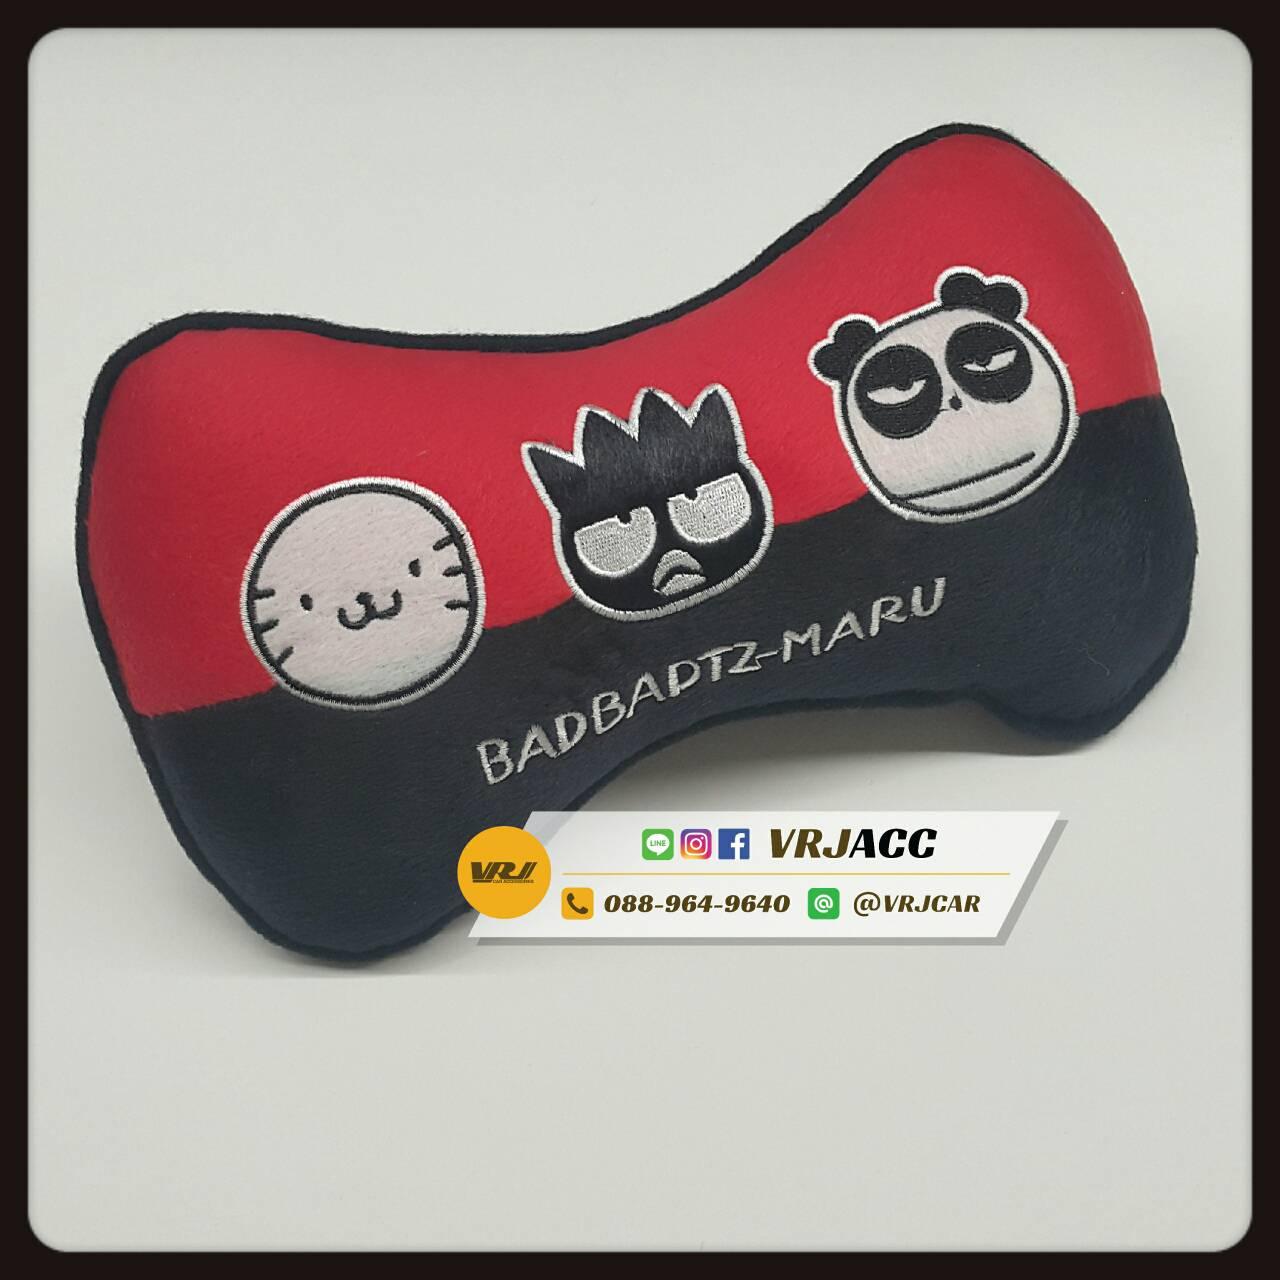 หมอนรองคอ ทรงกระดูก หมอนกระดูก แบต แบต มารุ Bad Badtz Maru - Neck Rest Support Comfort Pillow Headrest Travel Car Seat Sleep Cushion